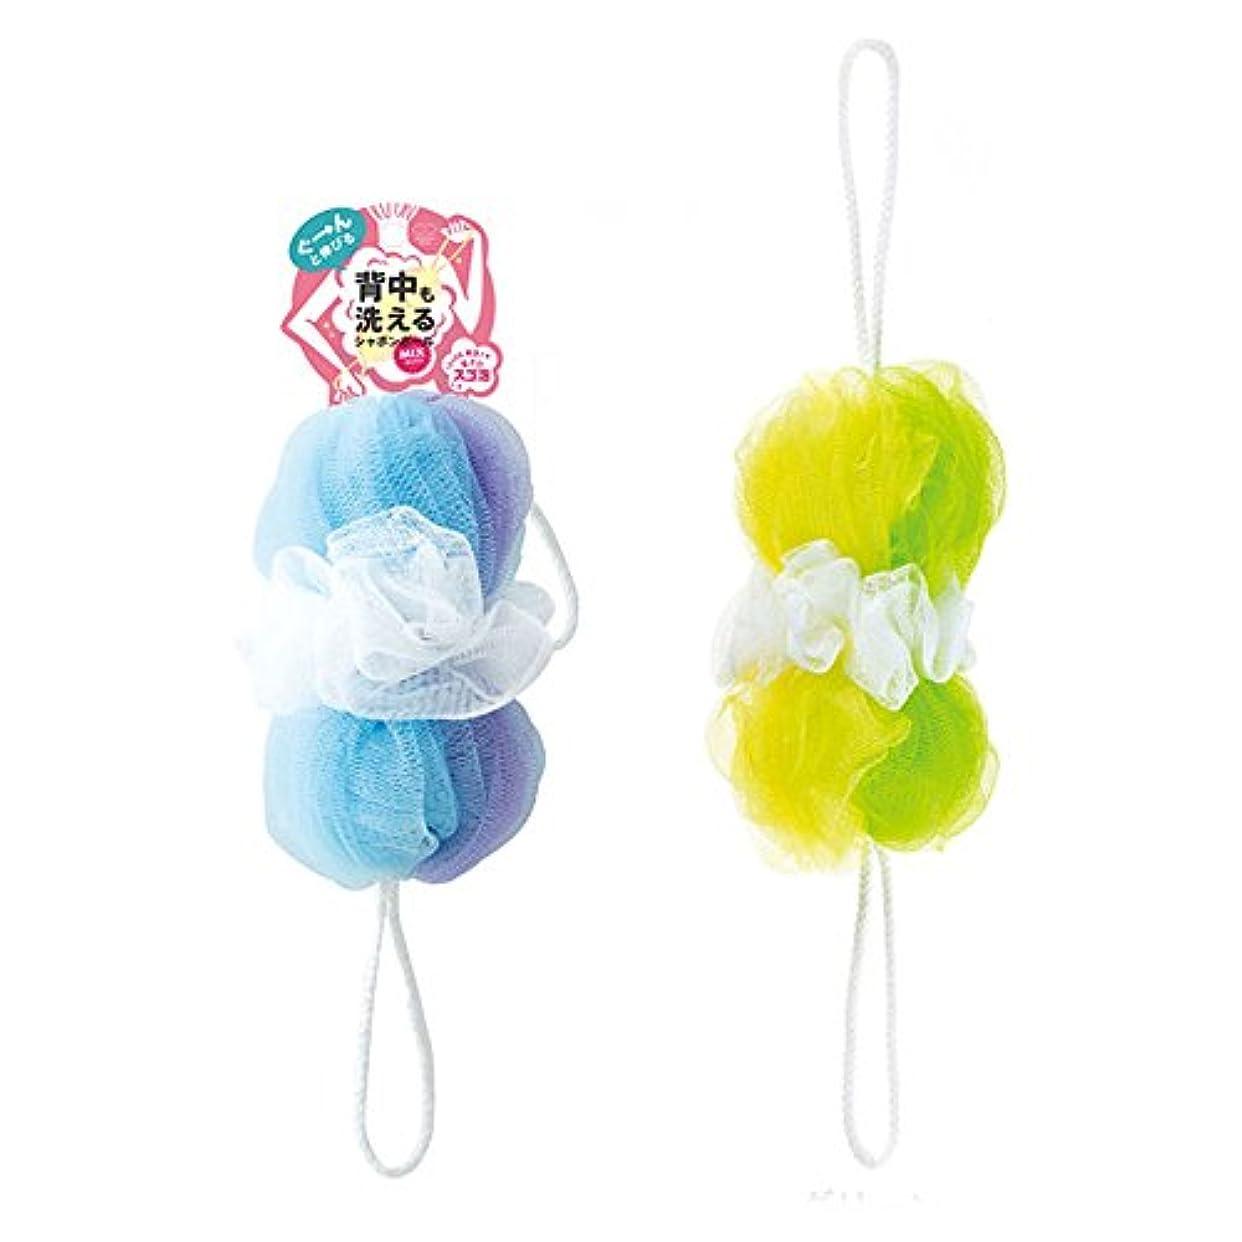 袋五月法令マーナ 背中も洗えるシャボンボール ミックス 2色セット(B&G)